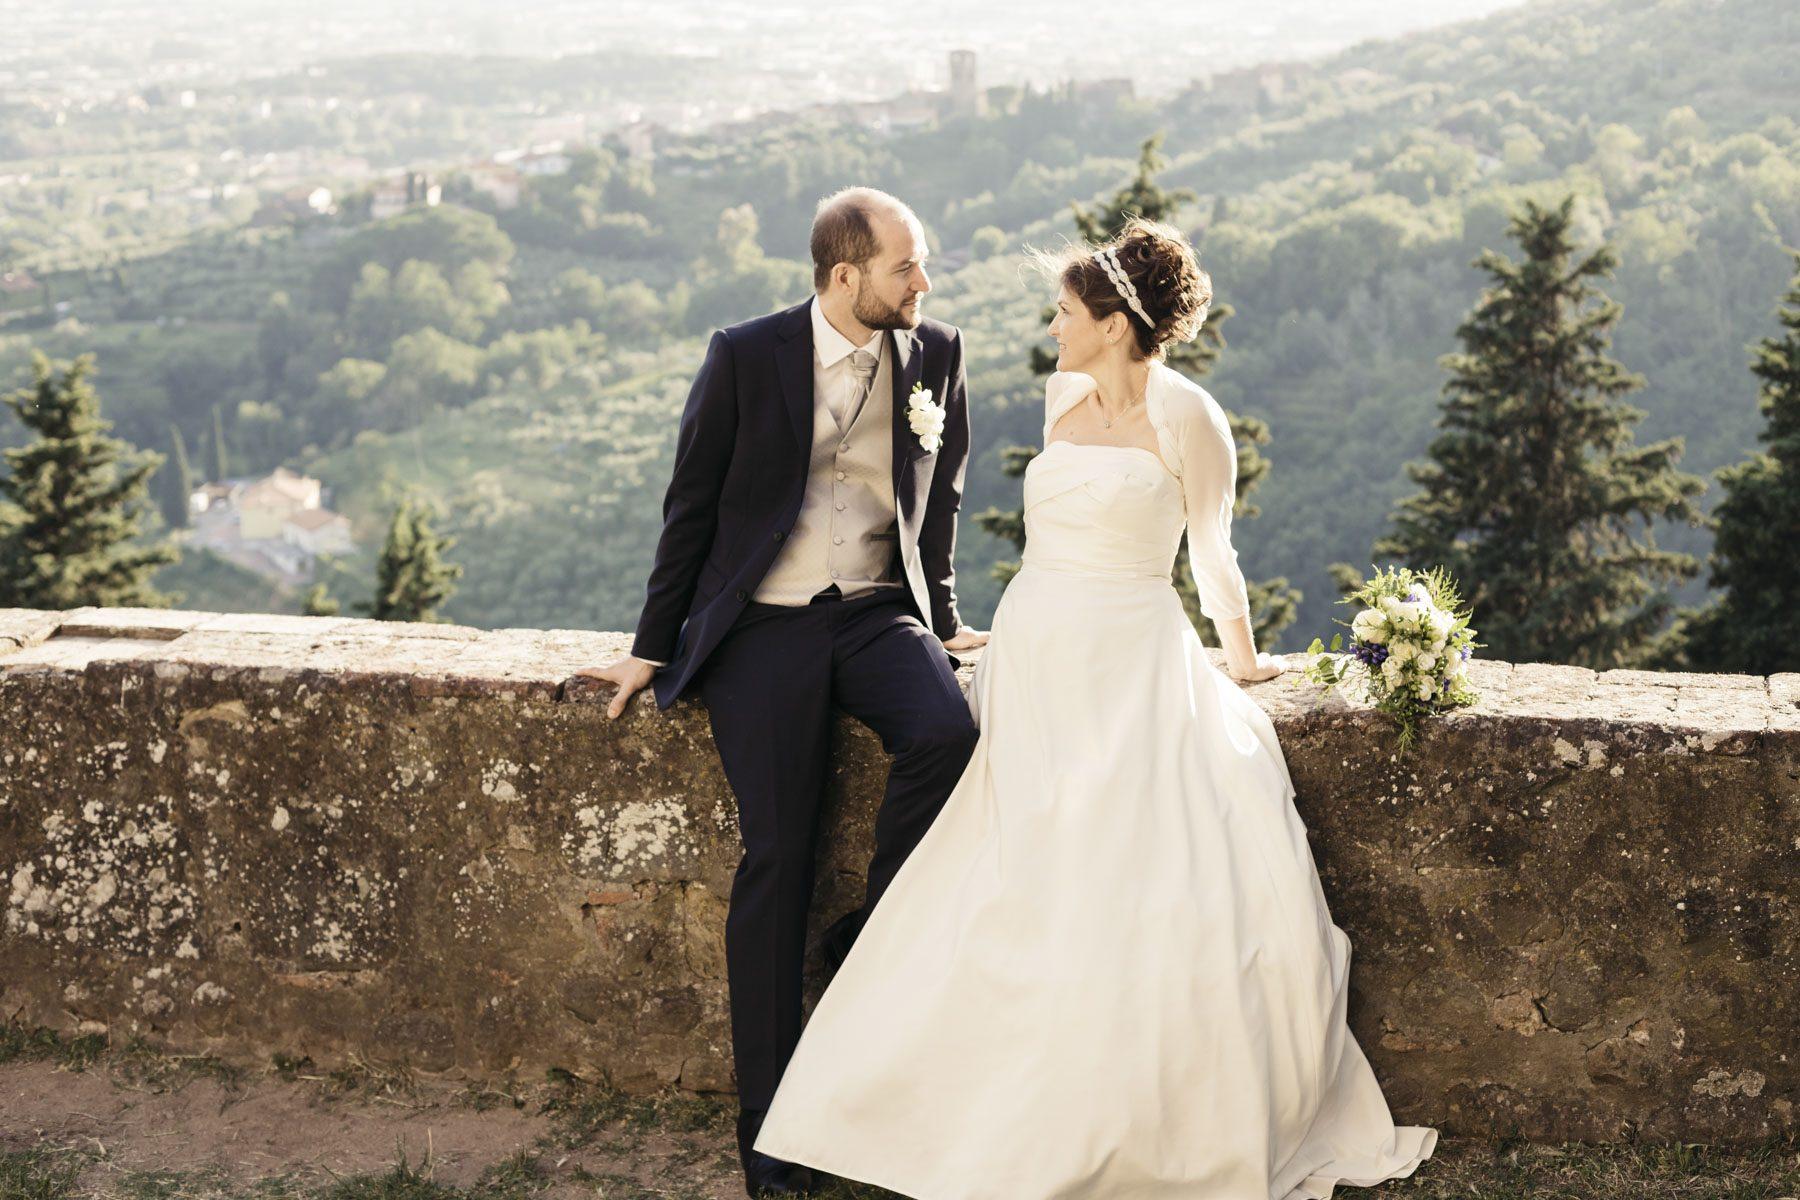 Matrimonio Gay Toscana : Matrimonio en entre nacionales y